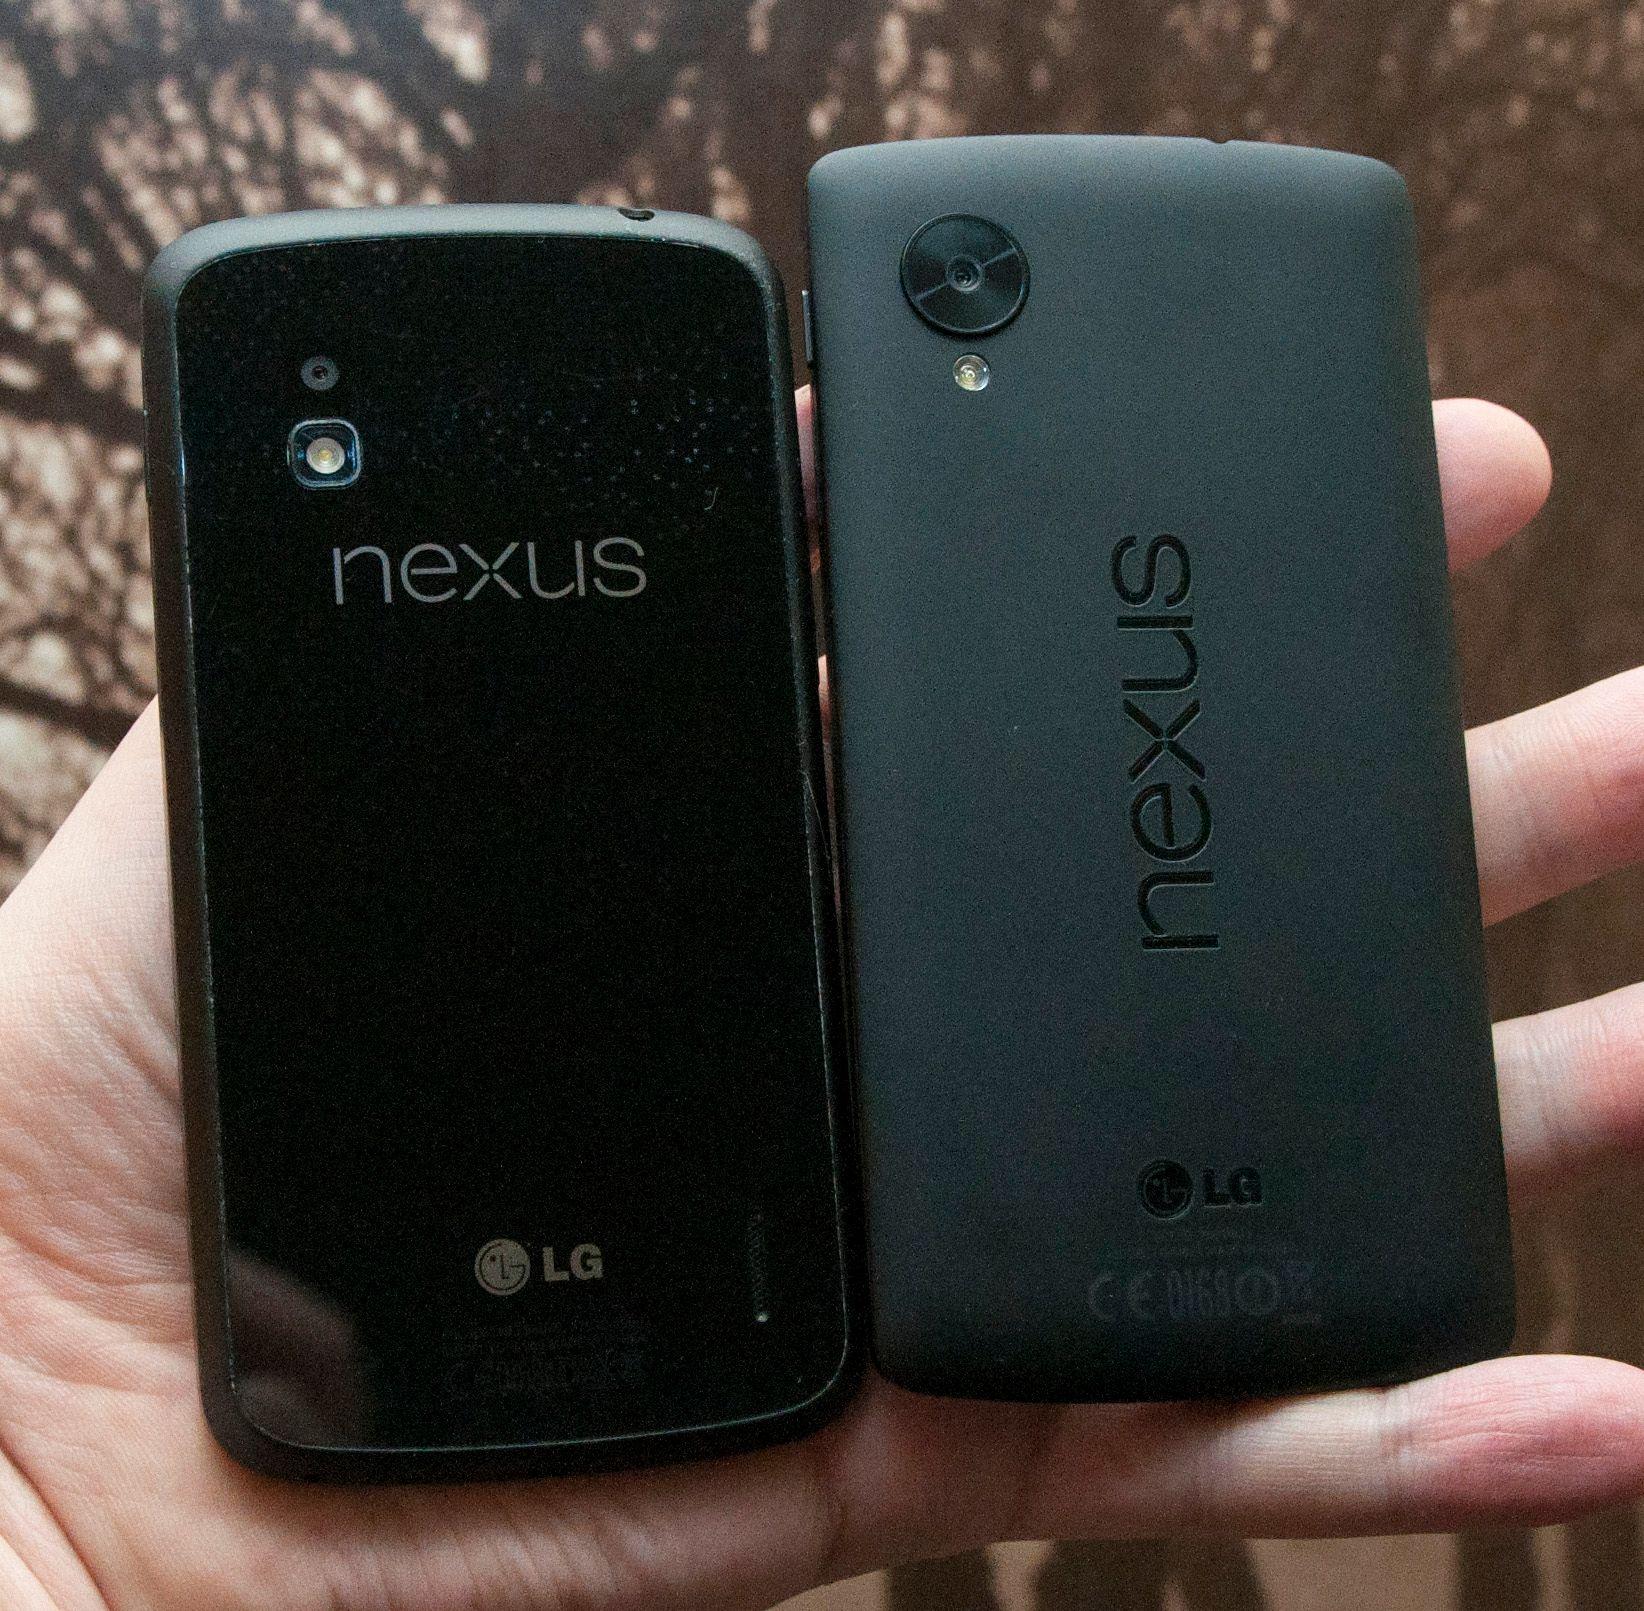 Baksiden på Nexus 5 er i plast. Det gjør den hakket mindre knuselig enn Nexus 4, som har bakside i glass.Foto: Finn Jarle Kvalheim, Amobil.no